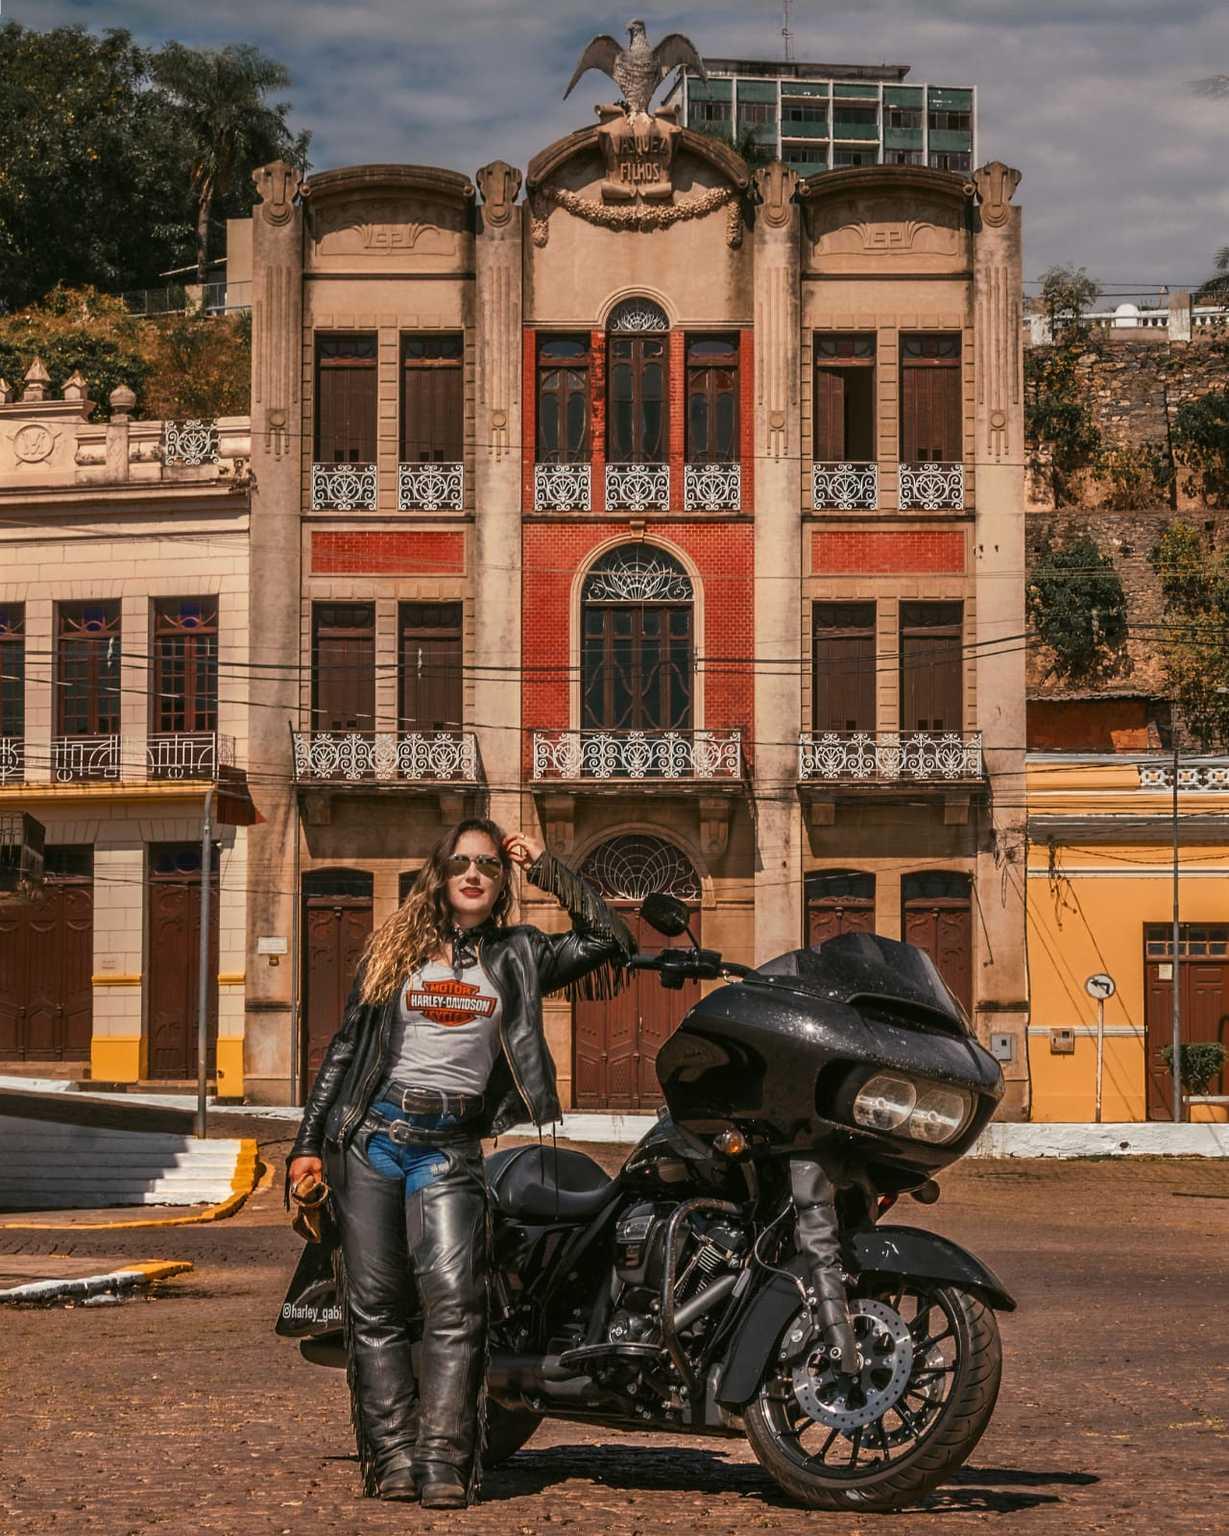 Desafio até o Casario Do Porto Geral de Corumbá. (Foto: Rodrigo Catelani)